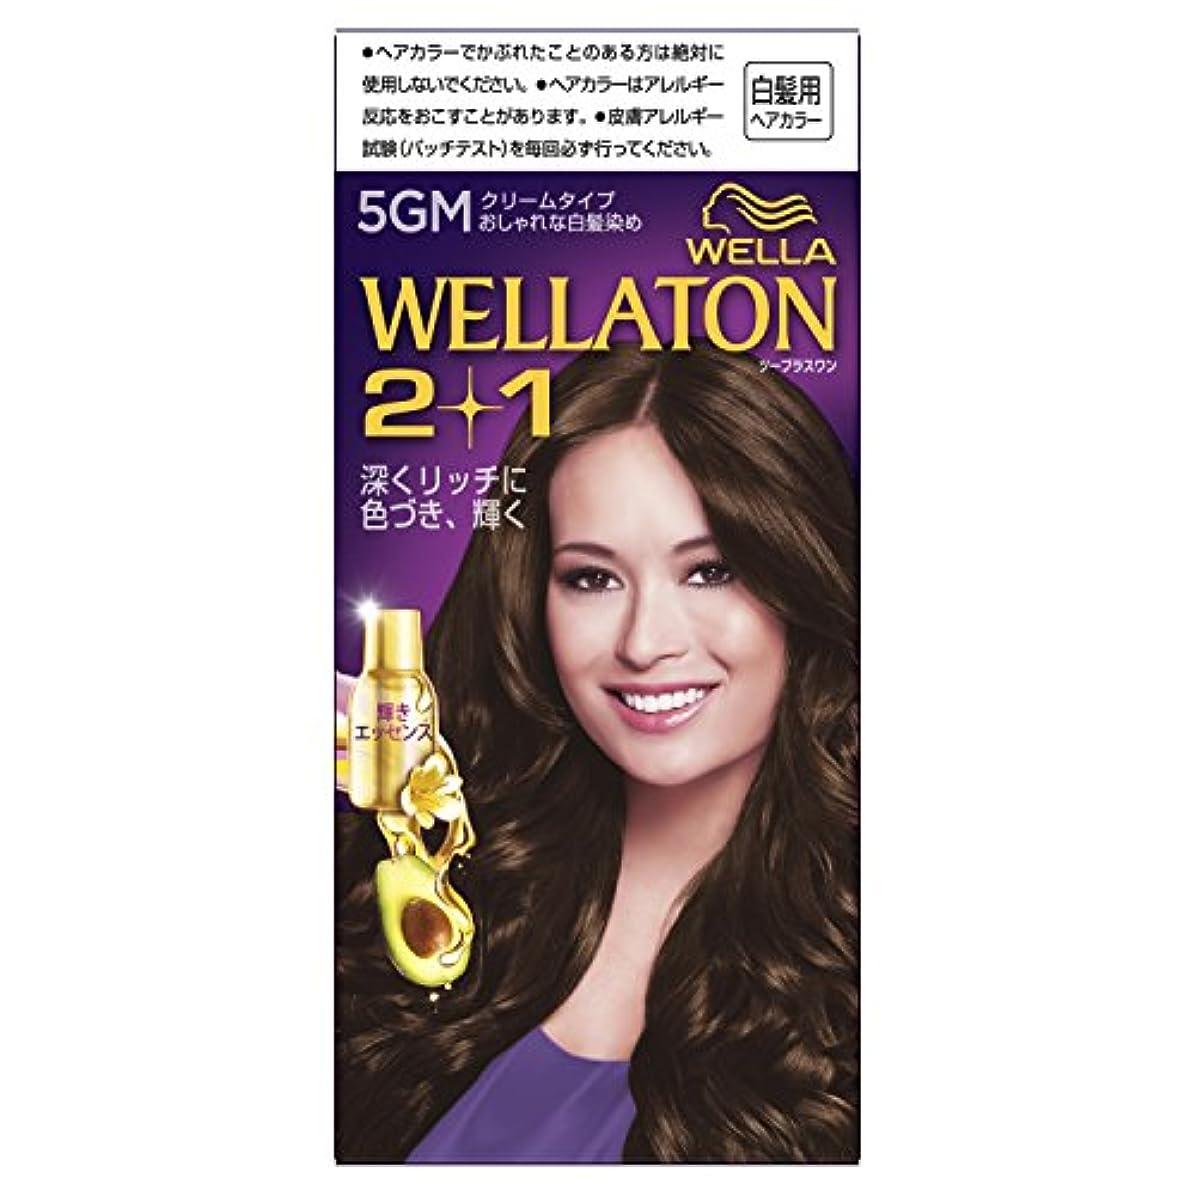 暖炉セブン削減ウエラトーン2+1 クリームタイプ 5GM [医薬部外品](おしゃれな白髪染め)